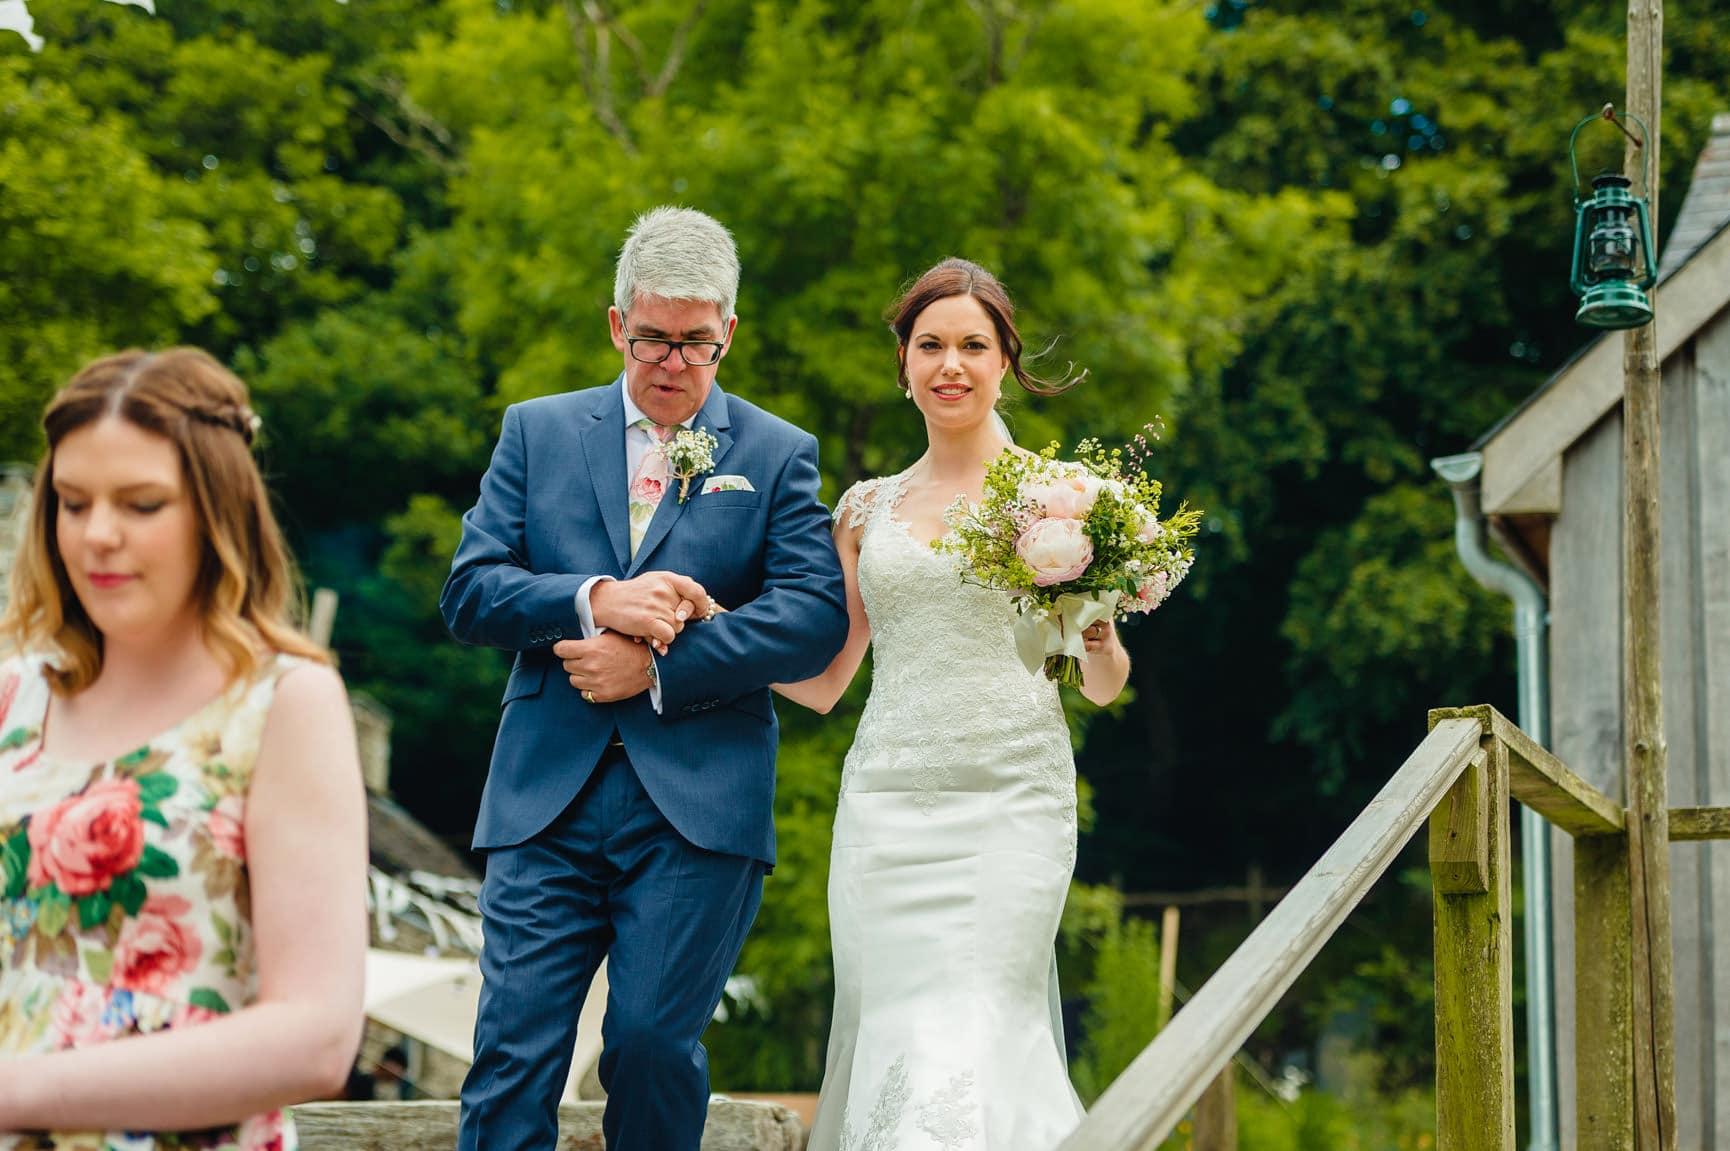 Fforest Wedding, Cardigan, Wales - Lauren and Gareth 60